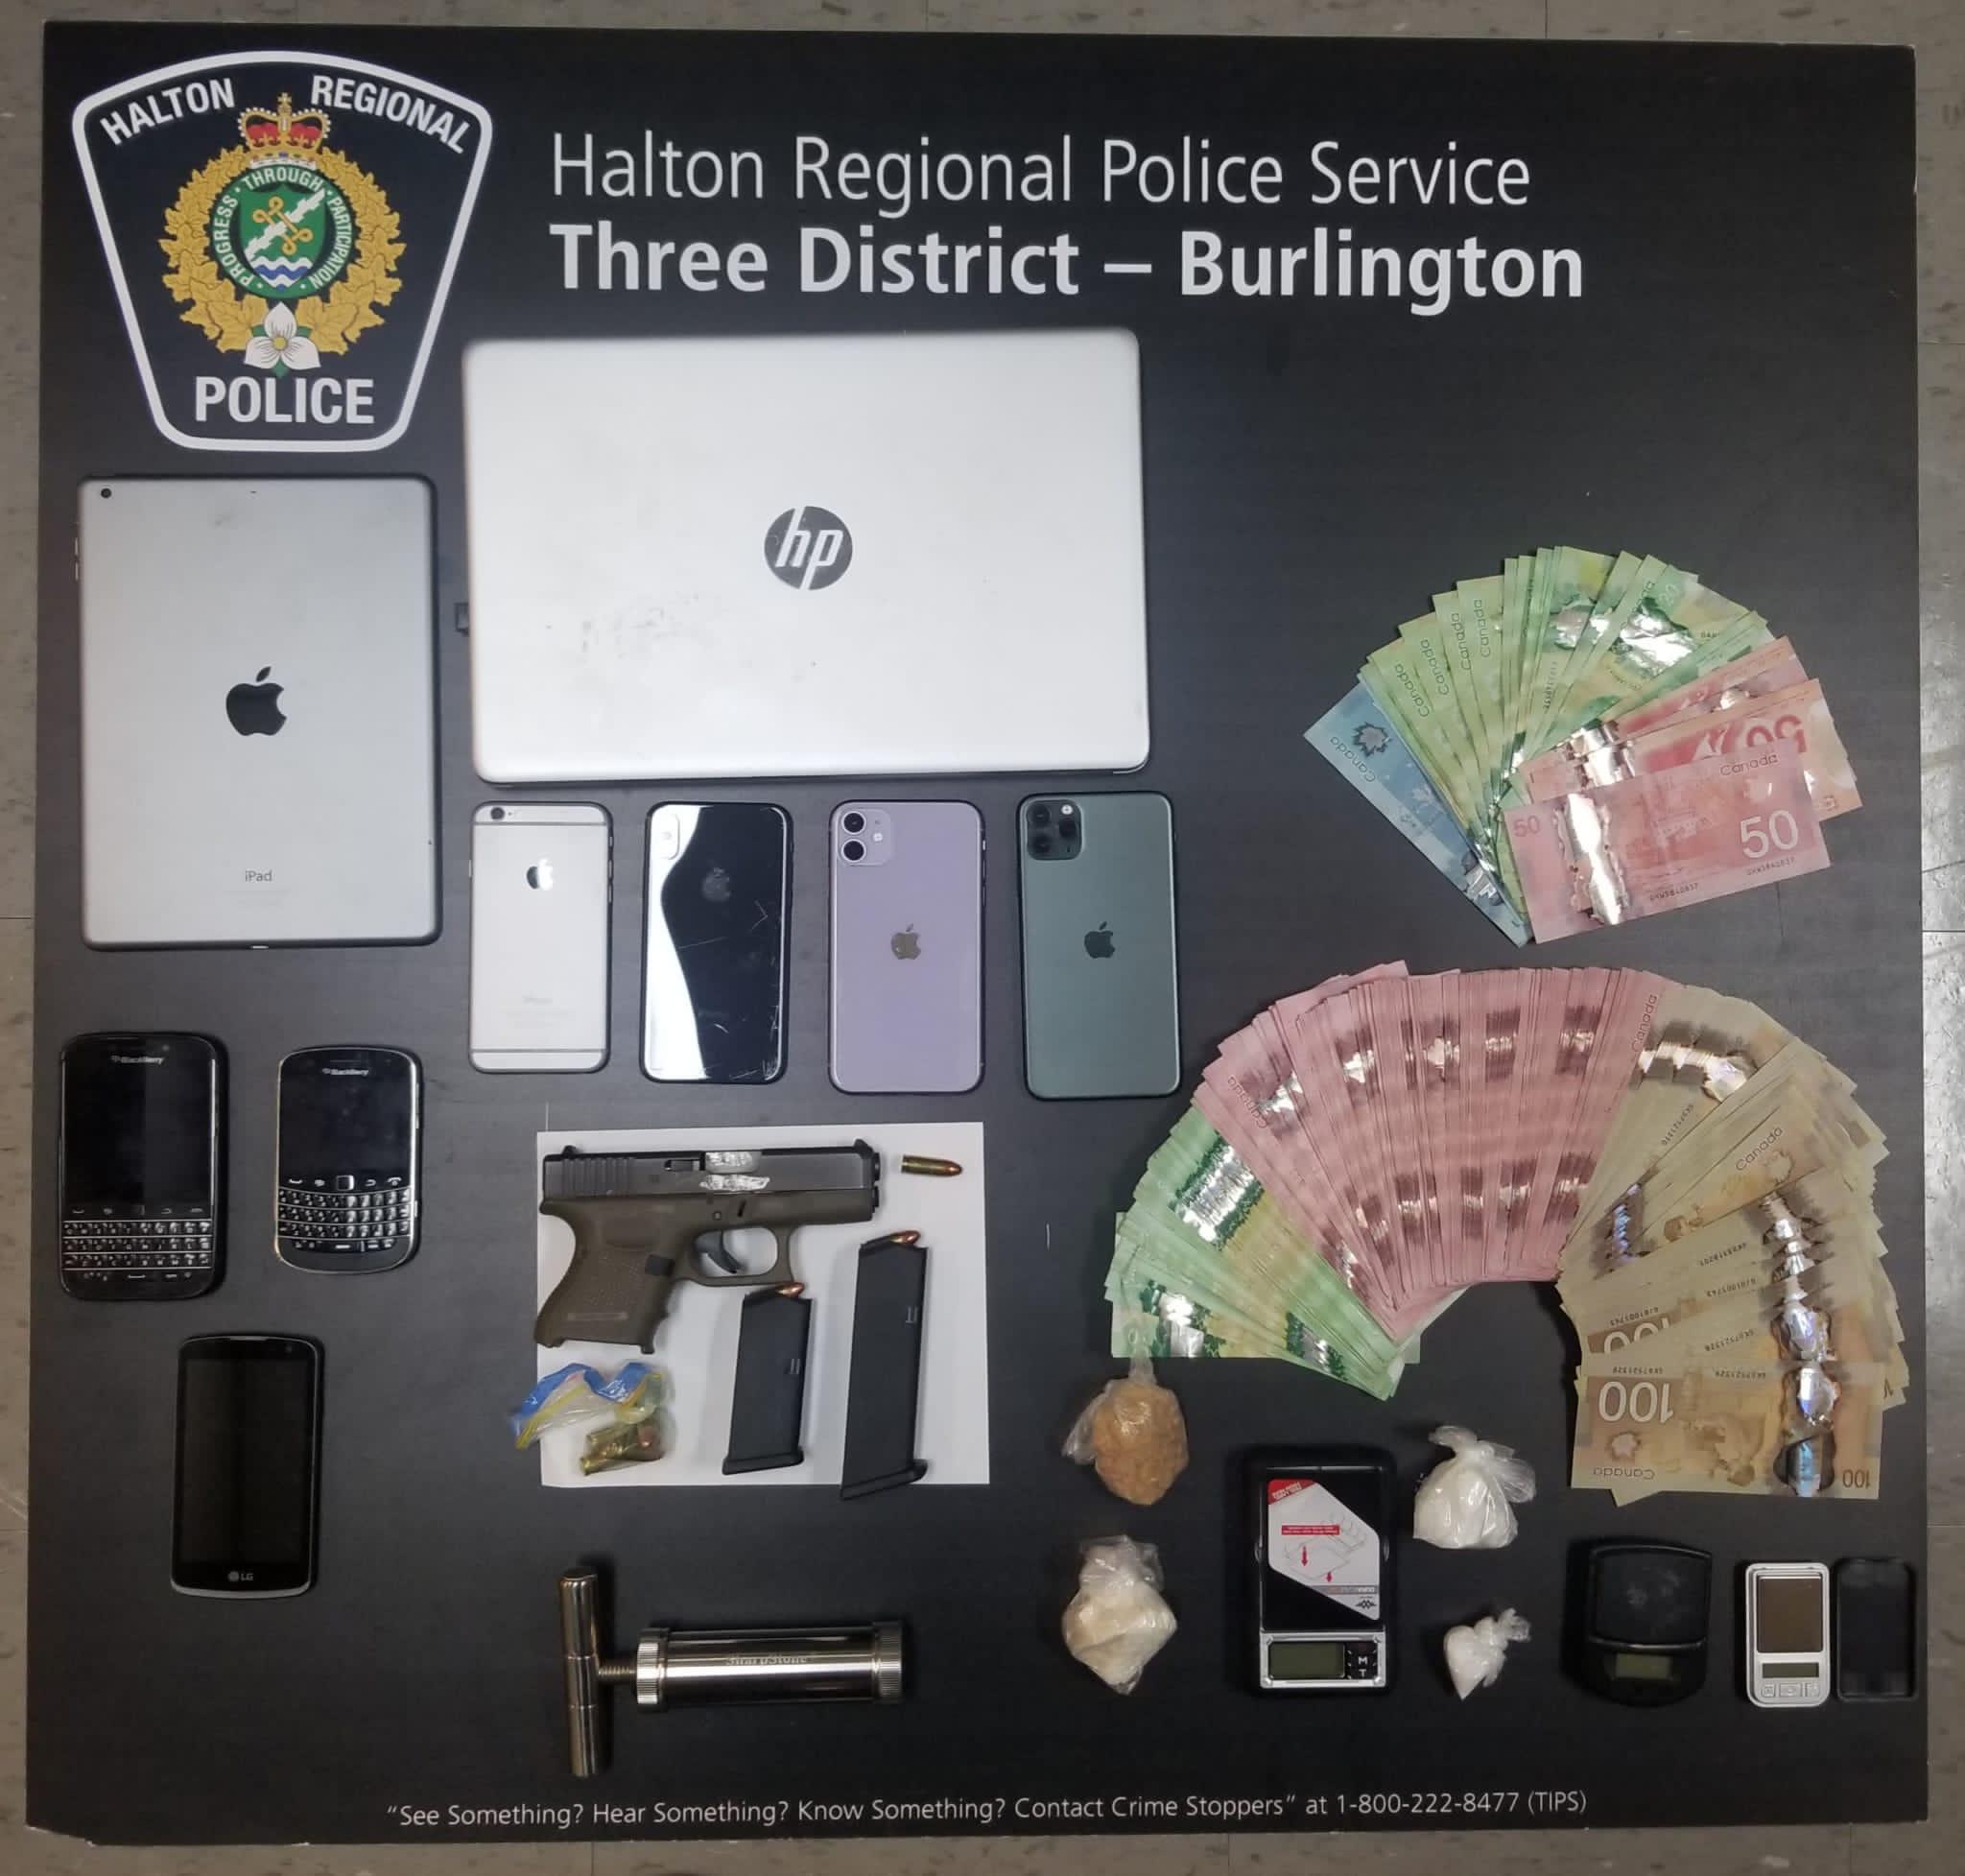 Burlington Firearm Seizure